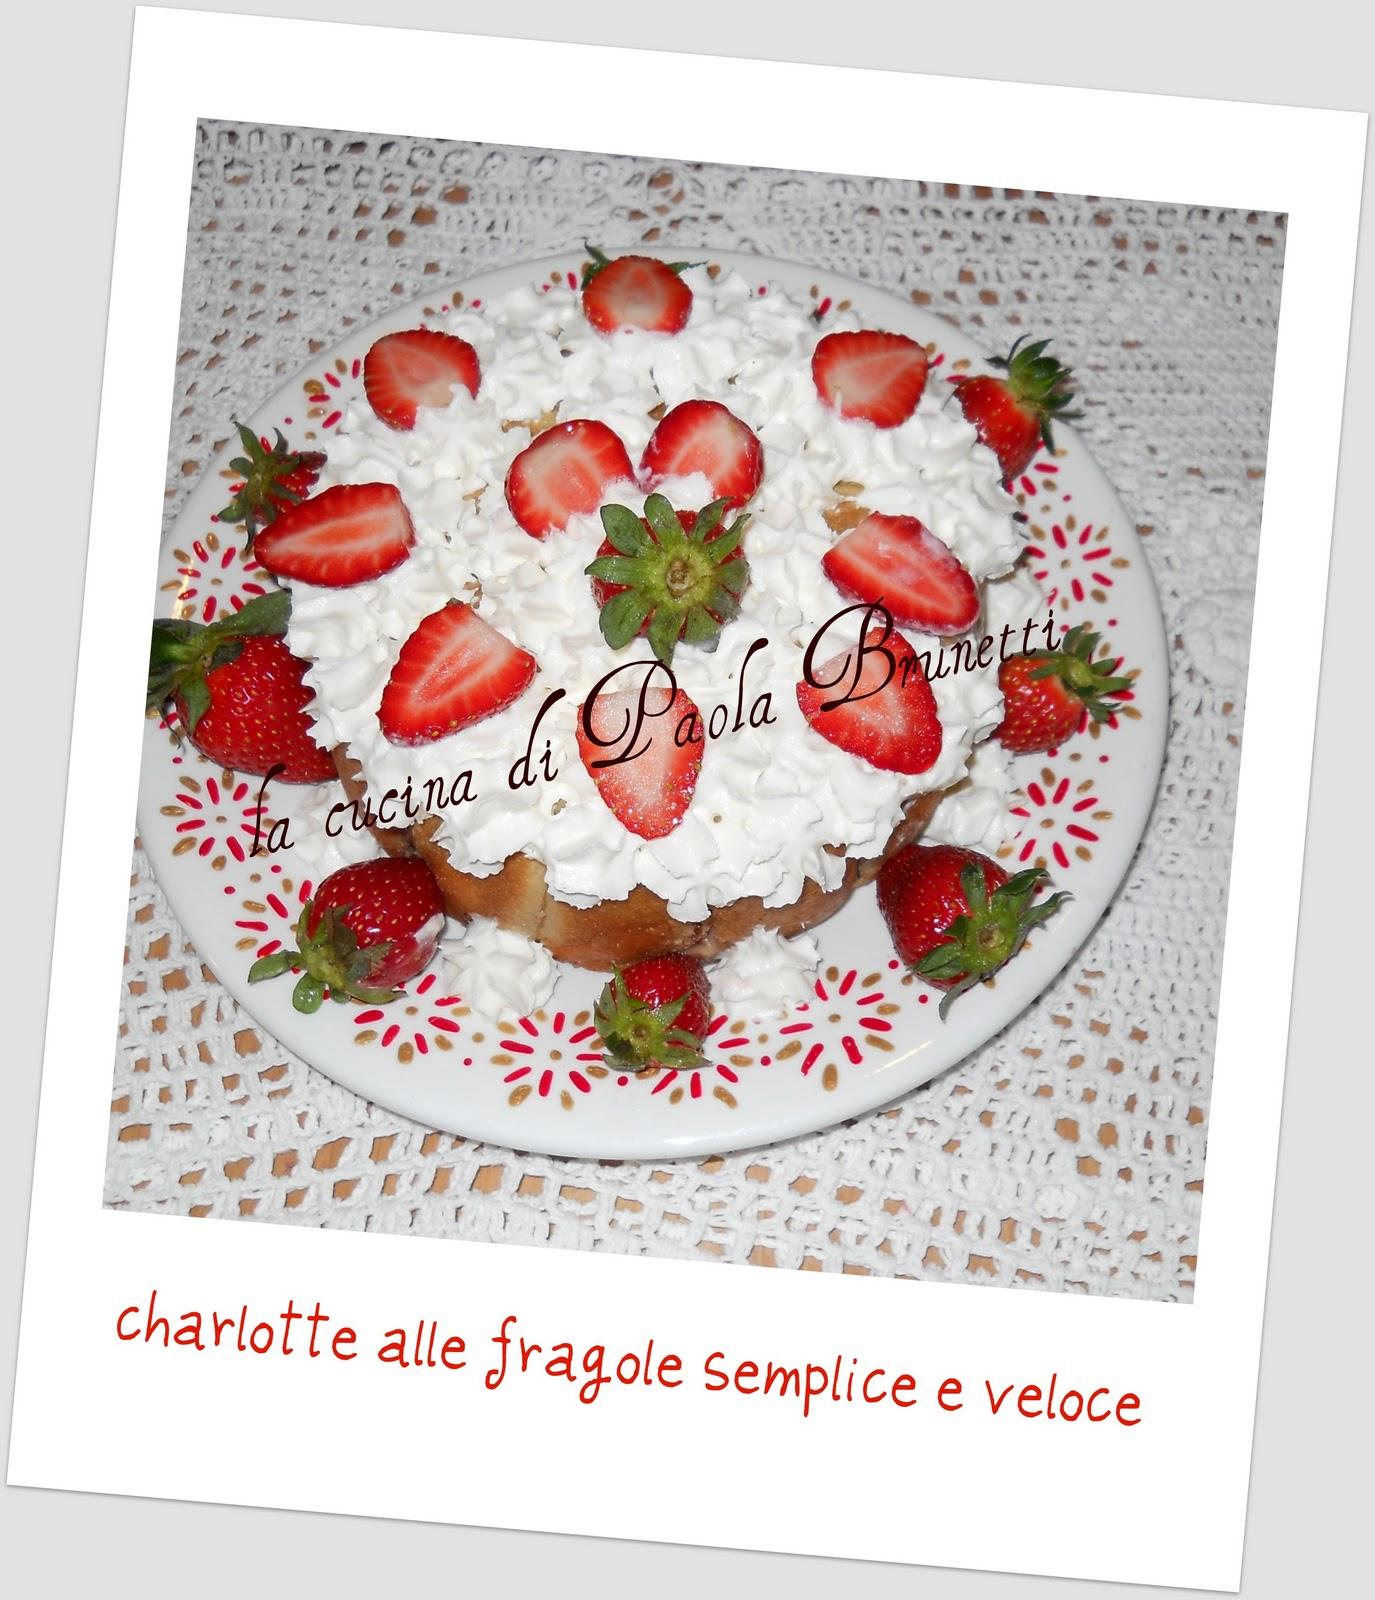 La cucina di paola brunetti charlotte alle fragole in for Cucina veloce e semplice